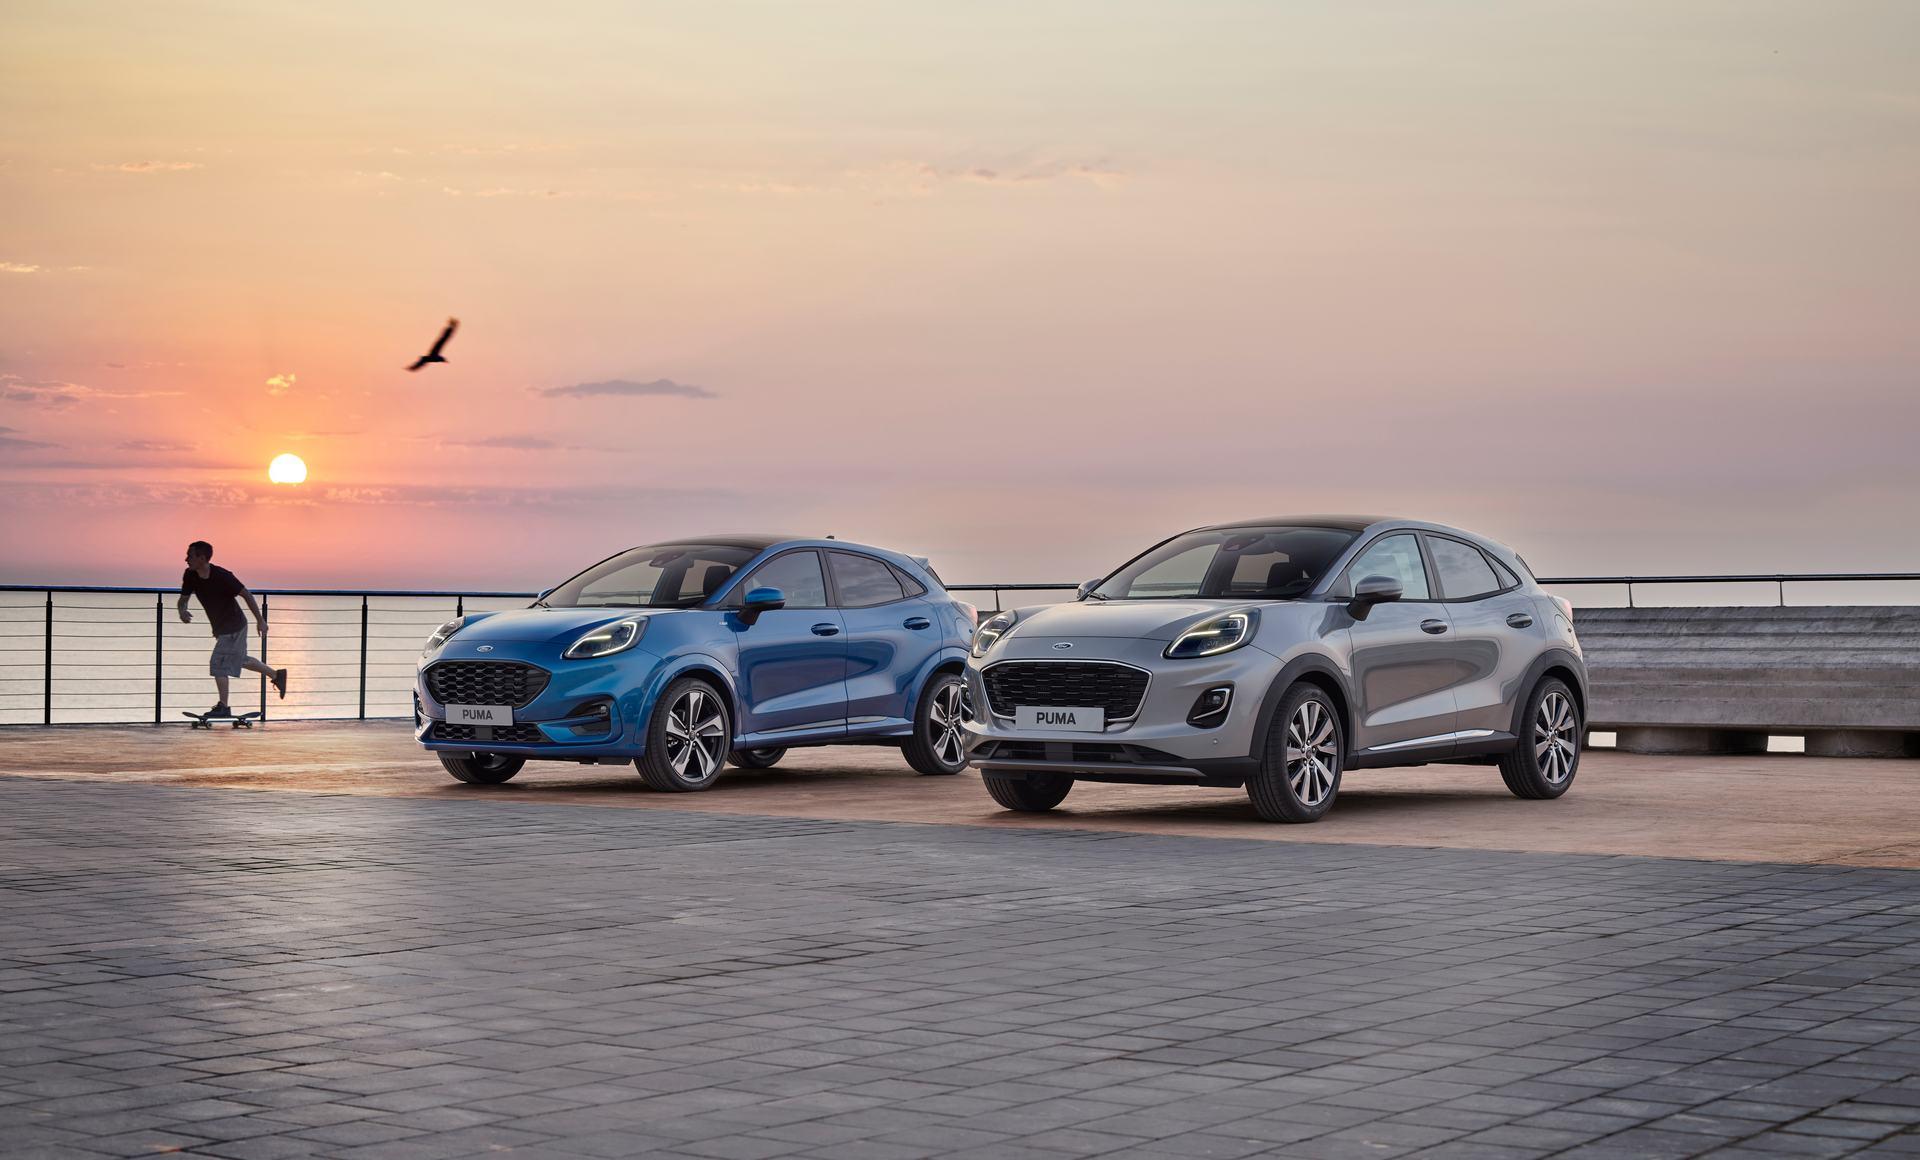 Titanium X:Η Ford αποκαλύπτει την έκδοση υψηλών προδιαγραφών του νέου Puma